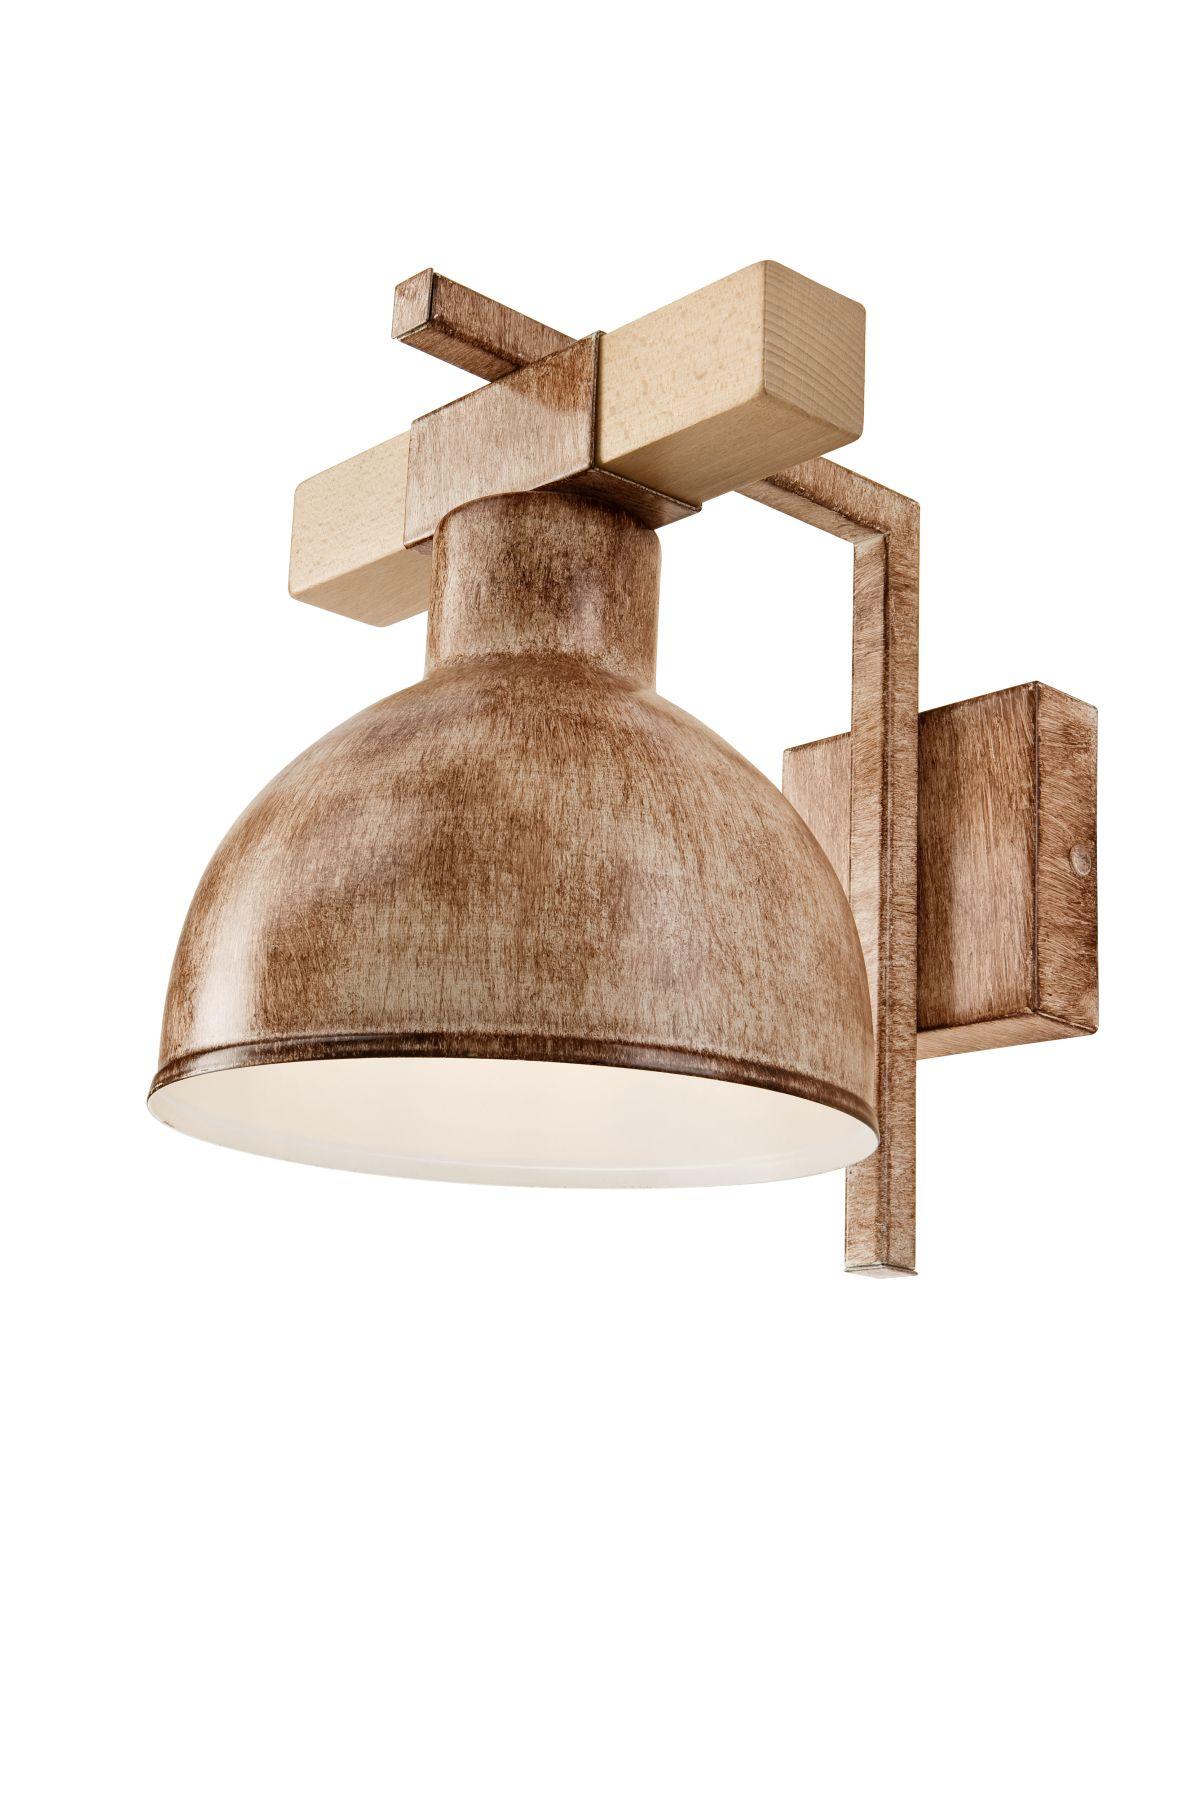 Wandlampe TANIYA Shabby Braun Holz Vintage Lampe